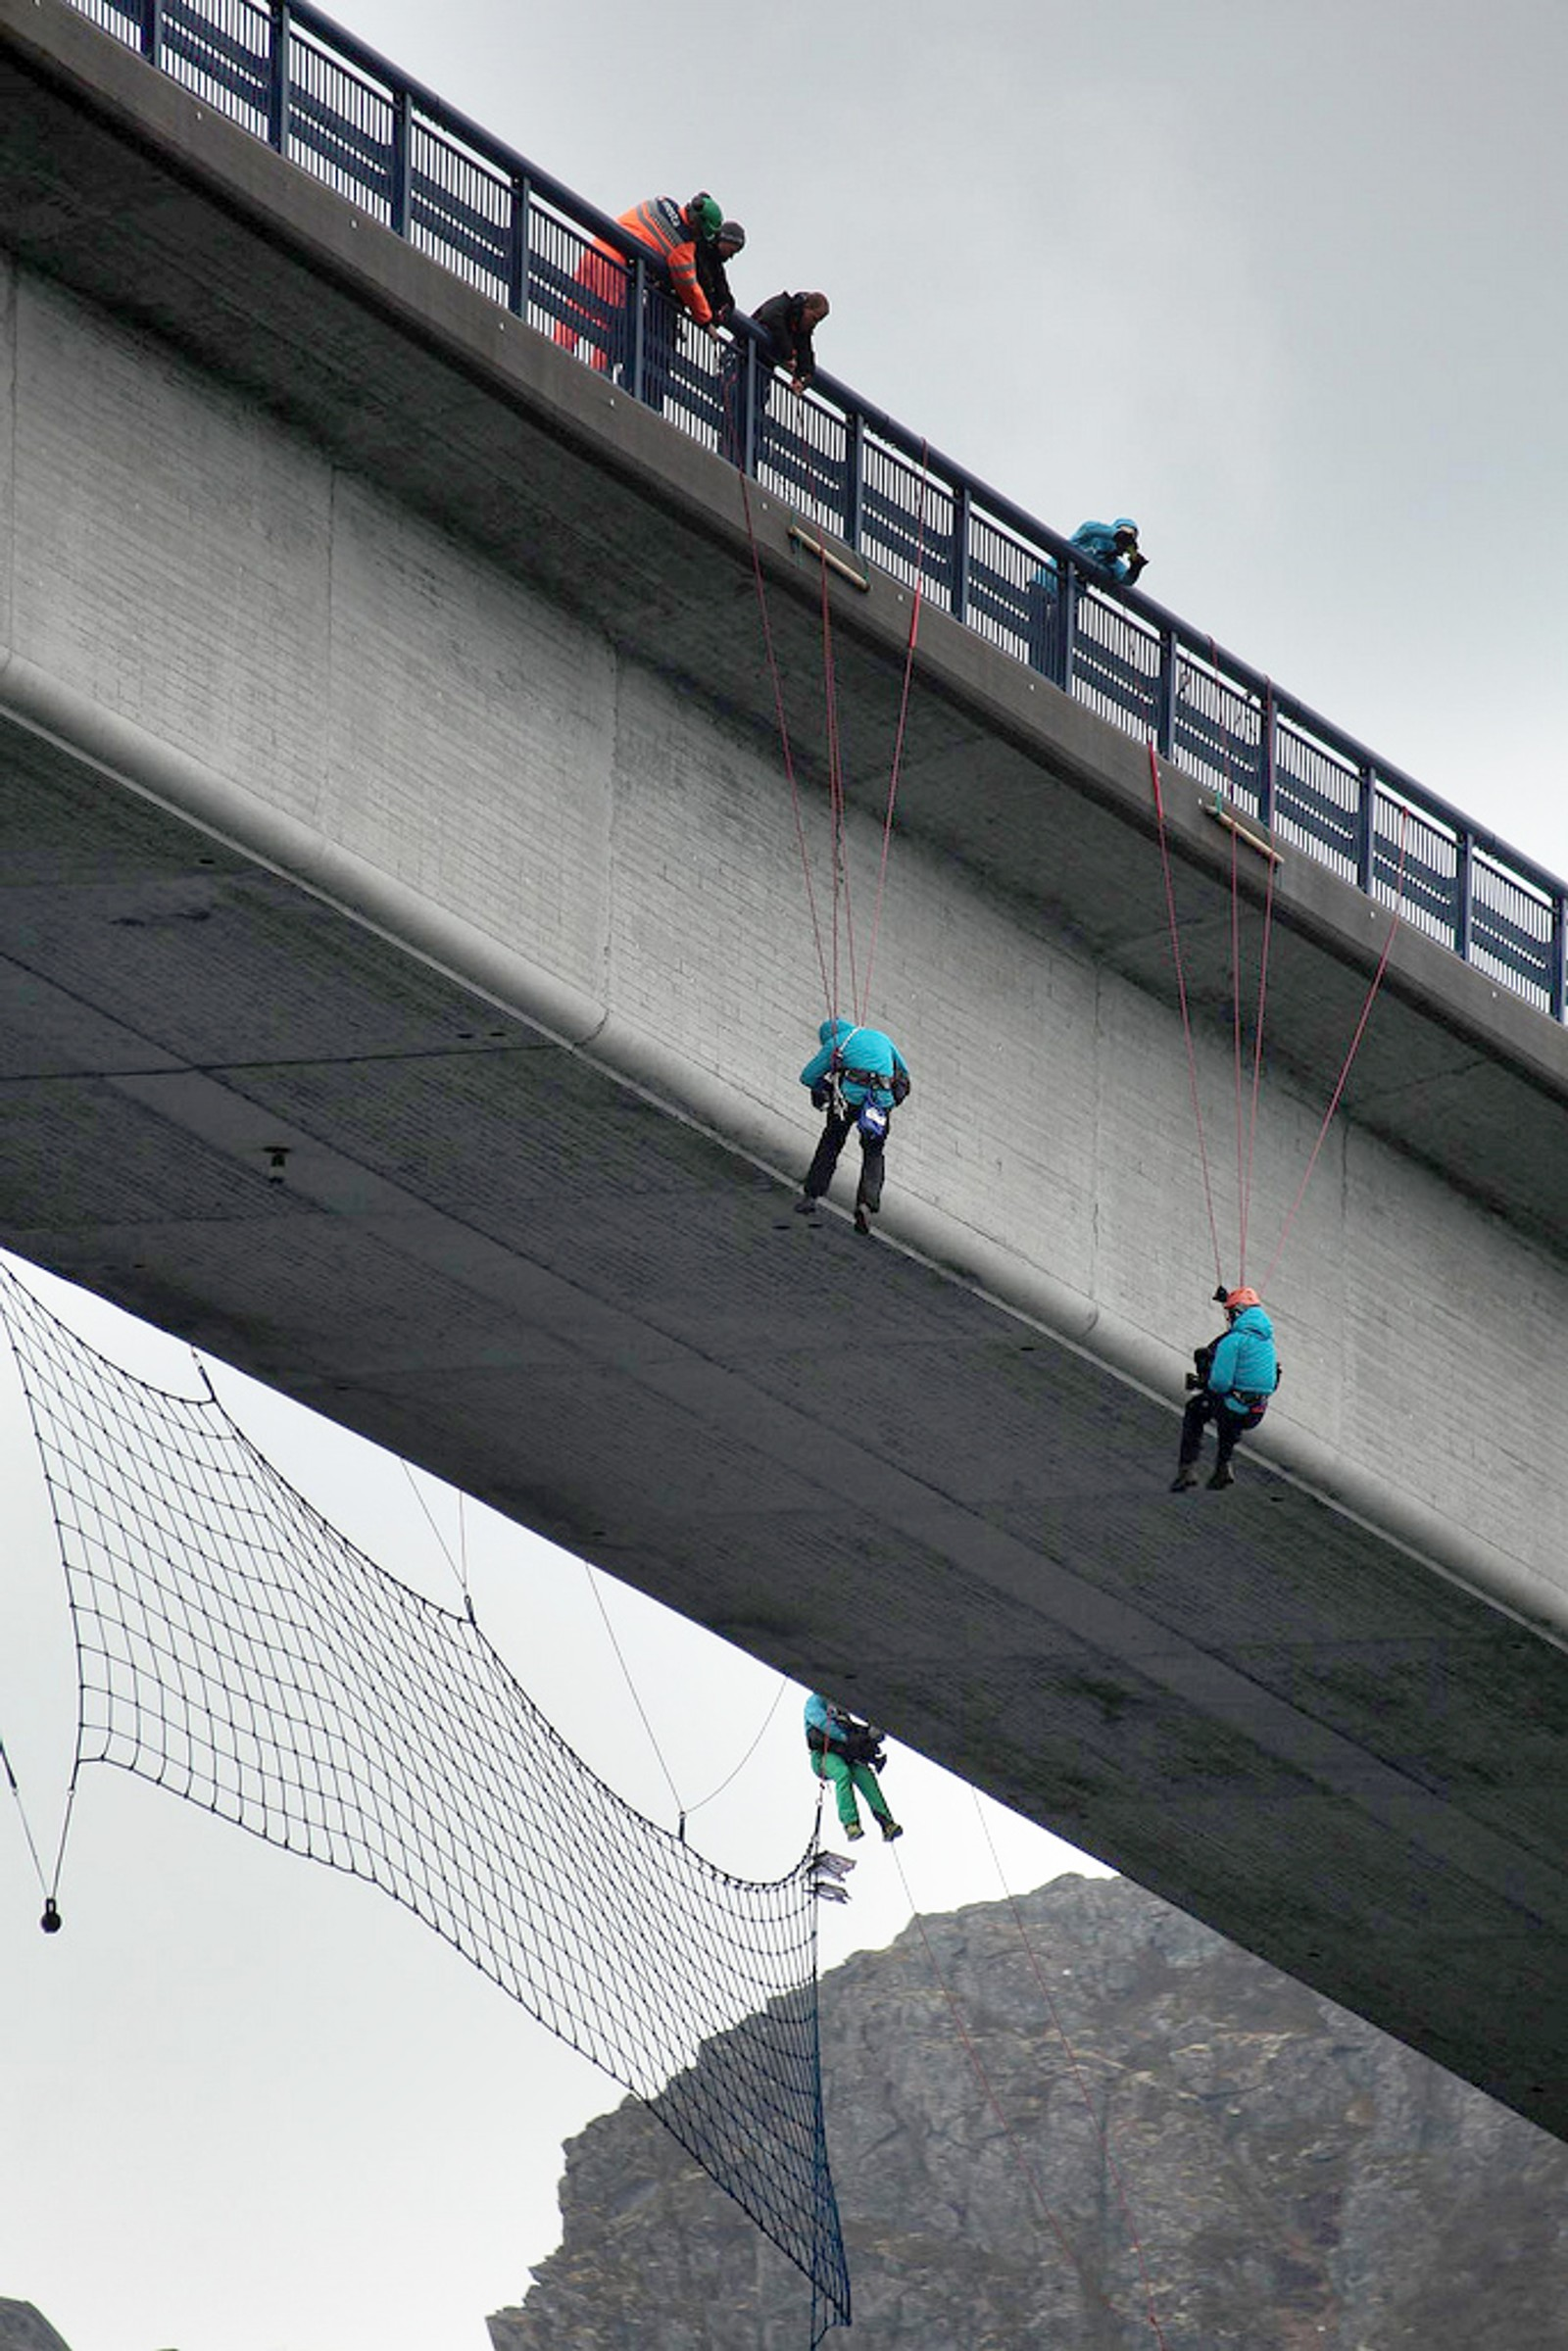 – Teknisk er det veldig gøy fordi man som fotograf må løse ting raskt, det forteller Espen Oscar Olsen som hadde 150 reisedøgn som fotograf når det stod på som verst.